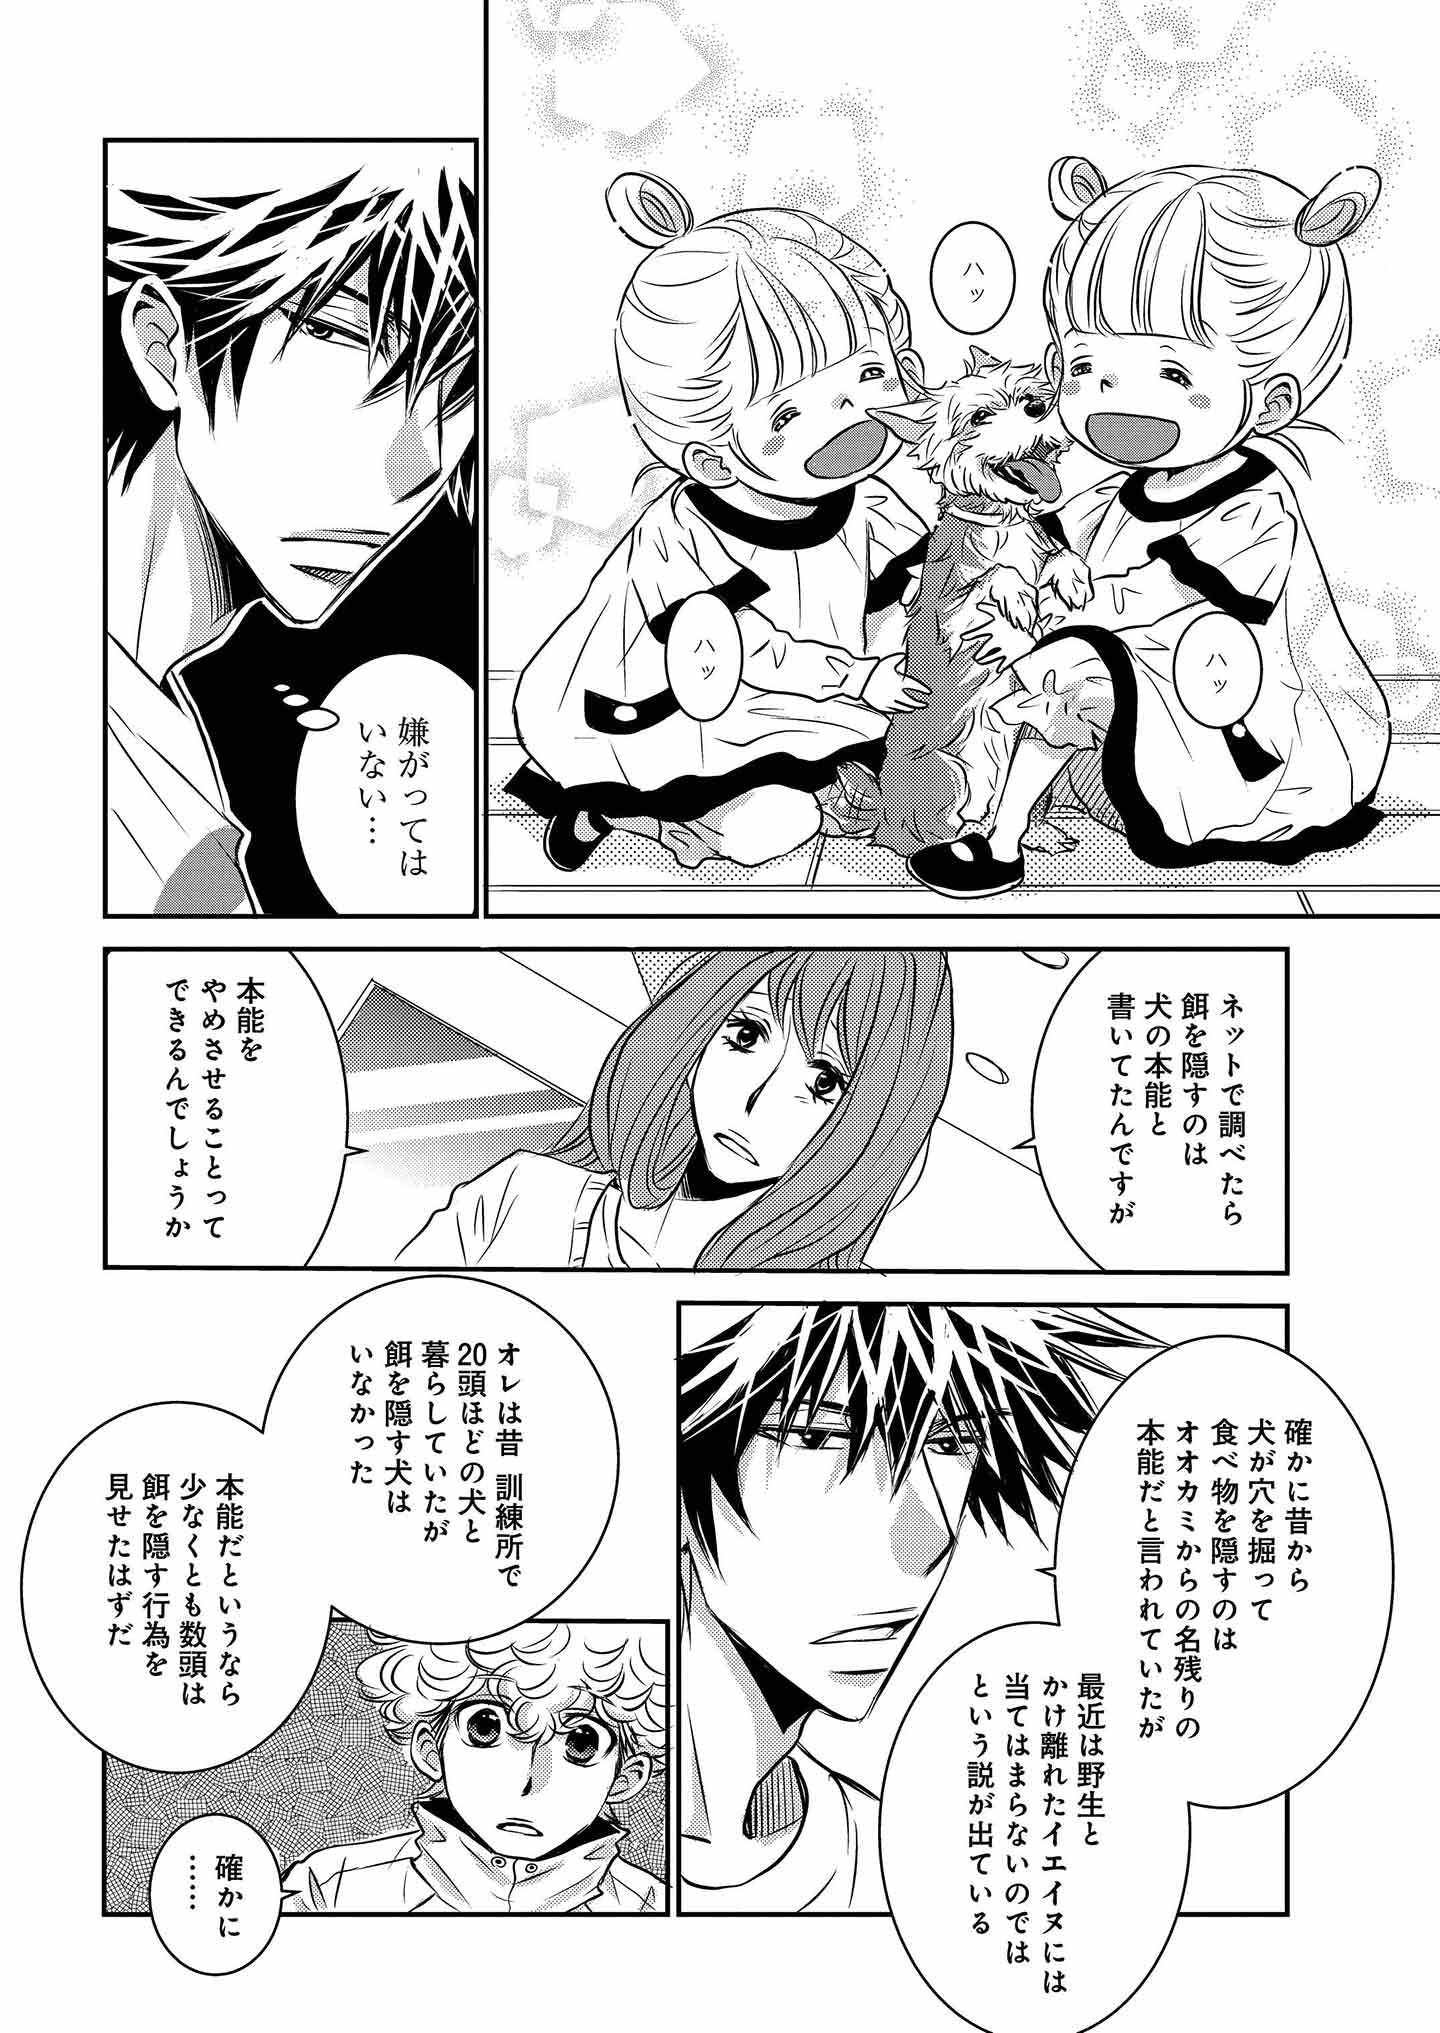 『DOG SIGNAL』13話目① 3ページ目